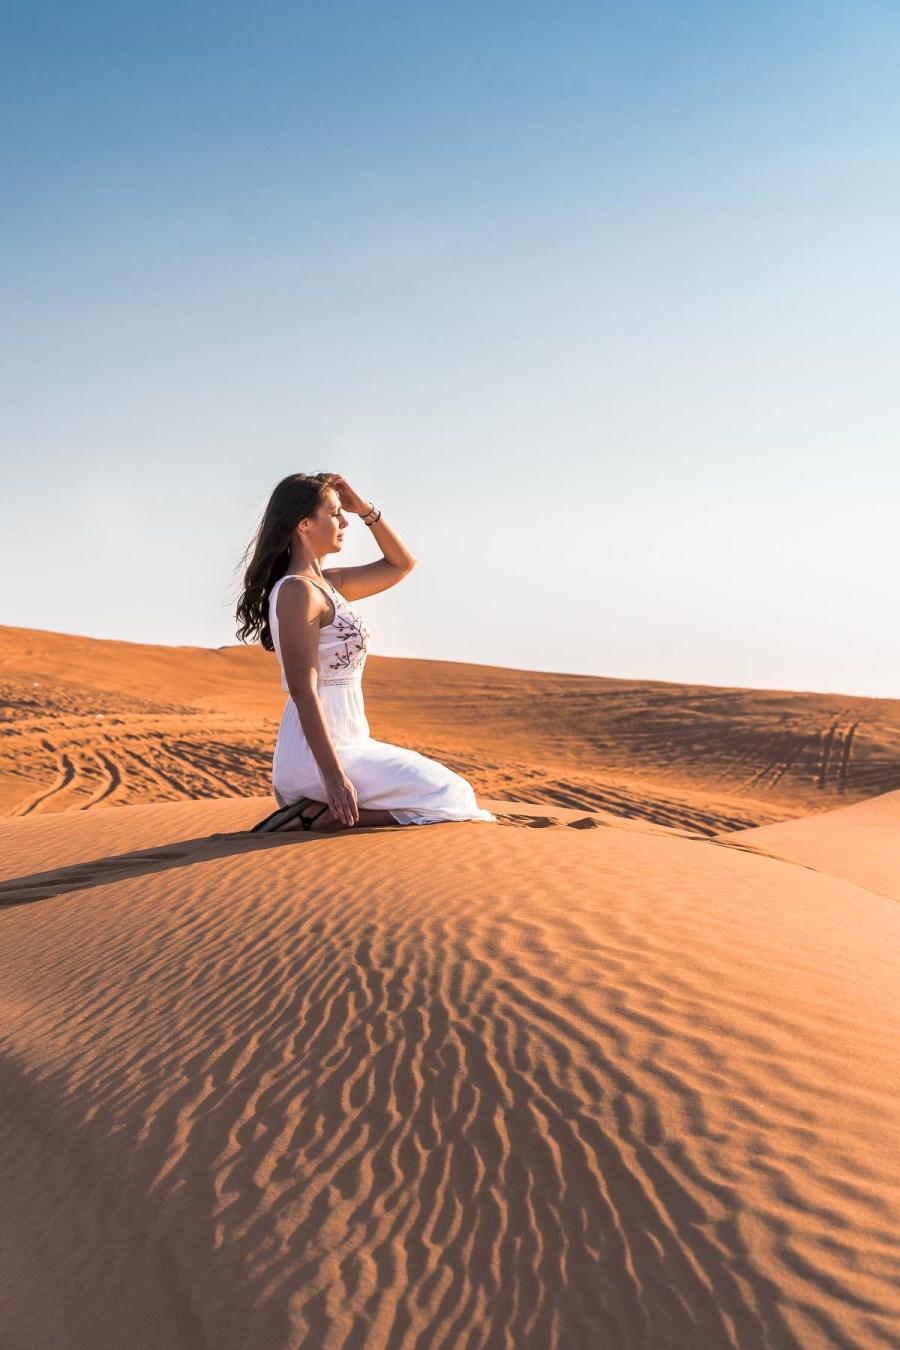 Girl in white dress sitting in the Dubai desert on the sand dunes